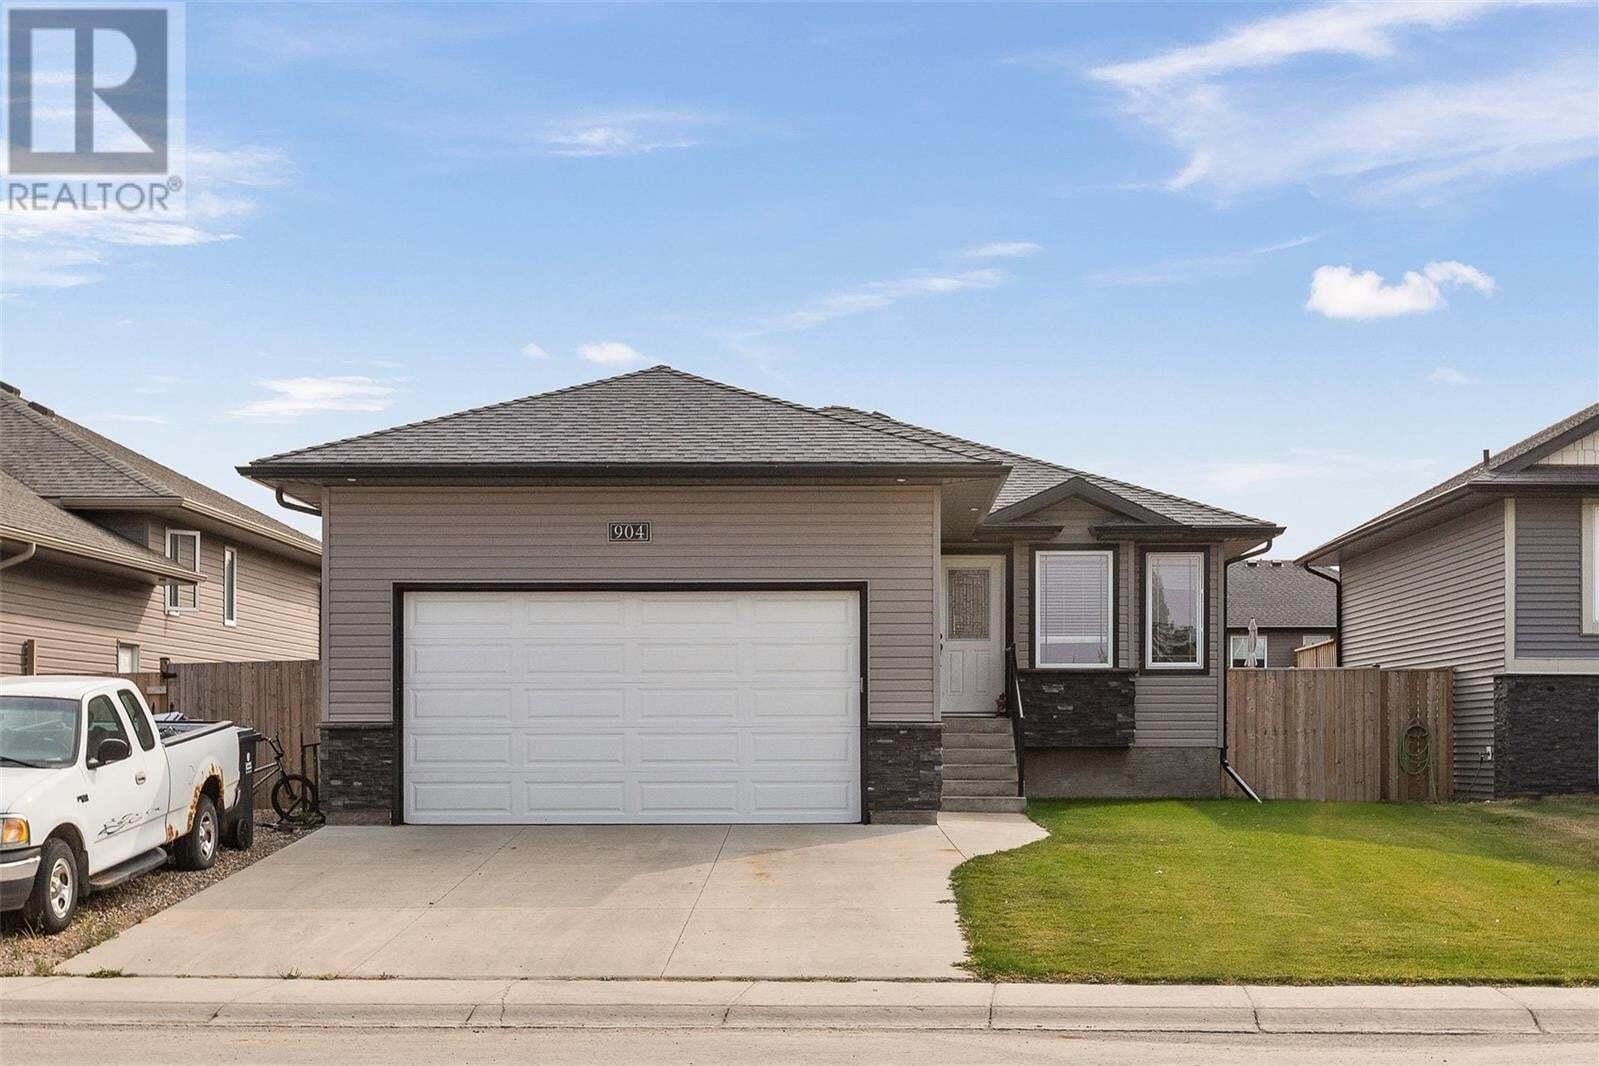 House for sale at 904 4th St S Martensville Saskatchewan - MLS: SK826899